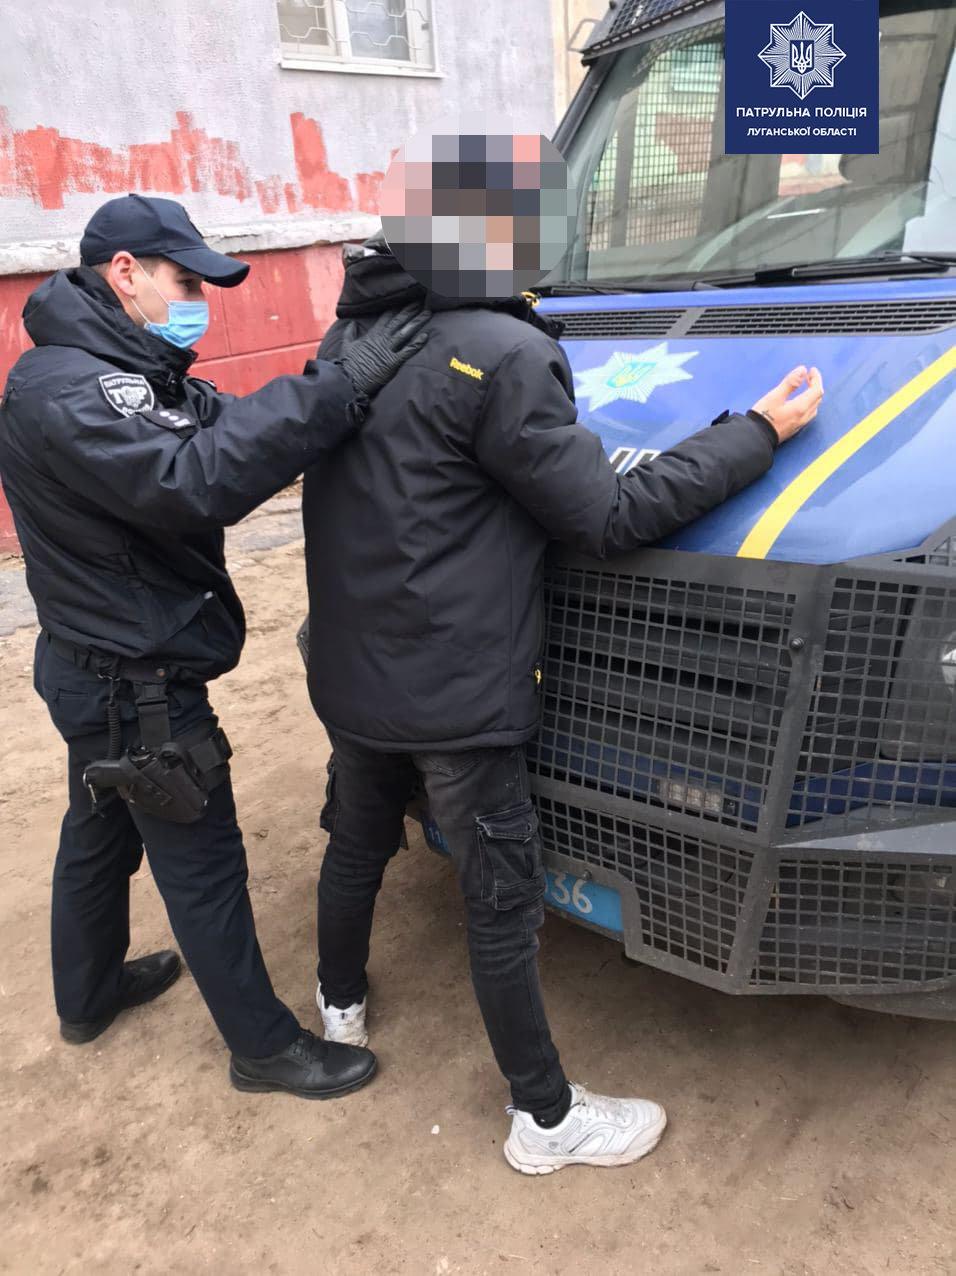 Наркомания процветает. На Луганщине за неделю выявили 6 случаев хранения запрещенных веществ, фото-1